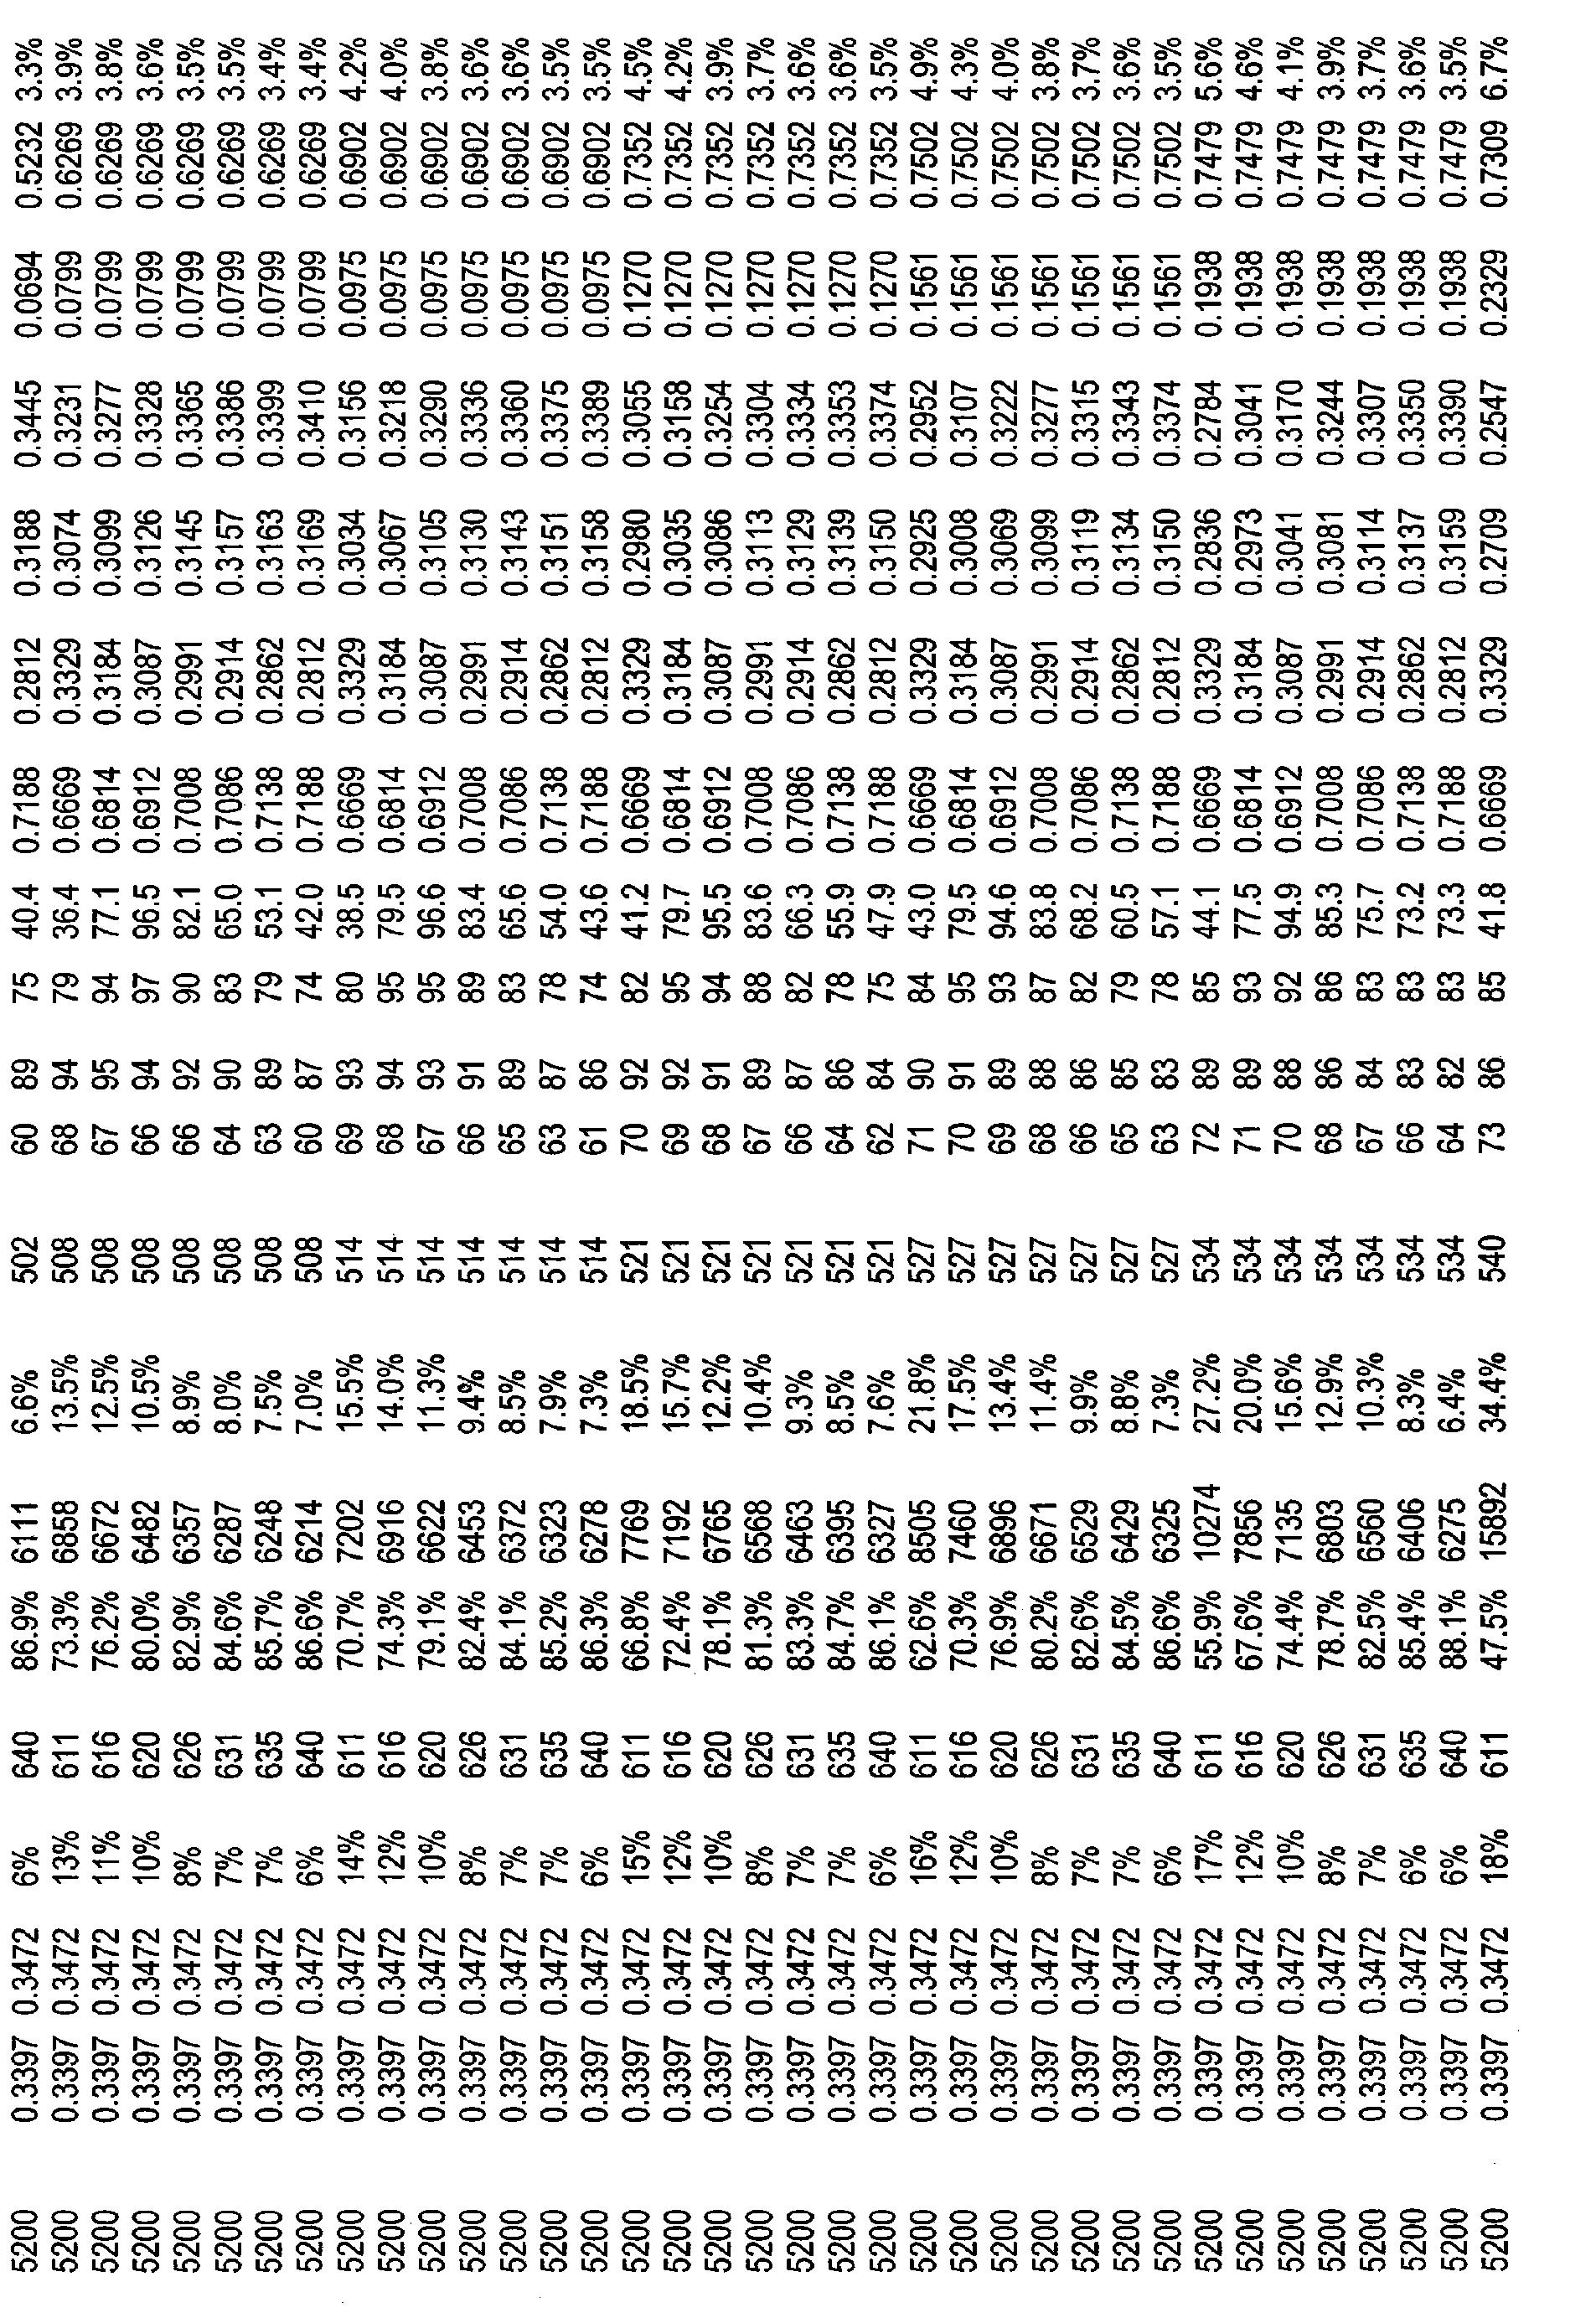 Figure CN101821544BD00601